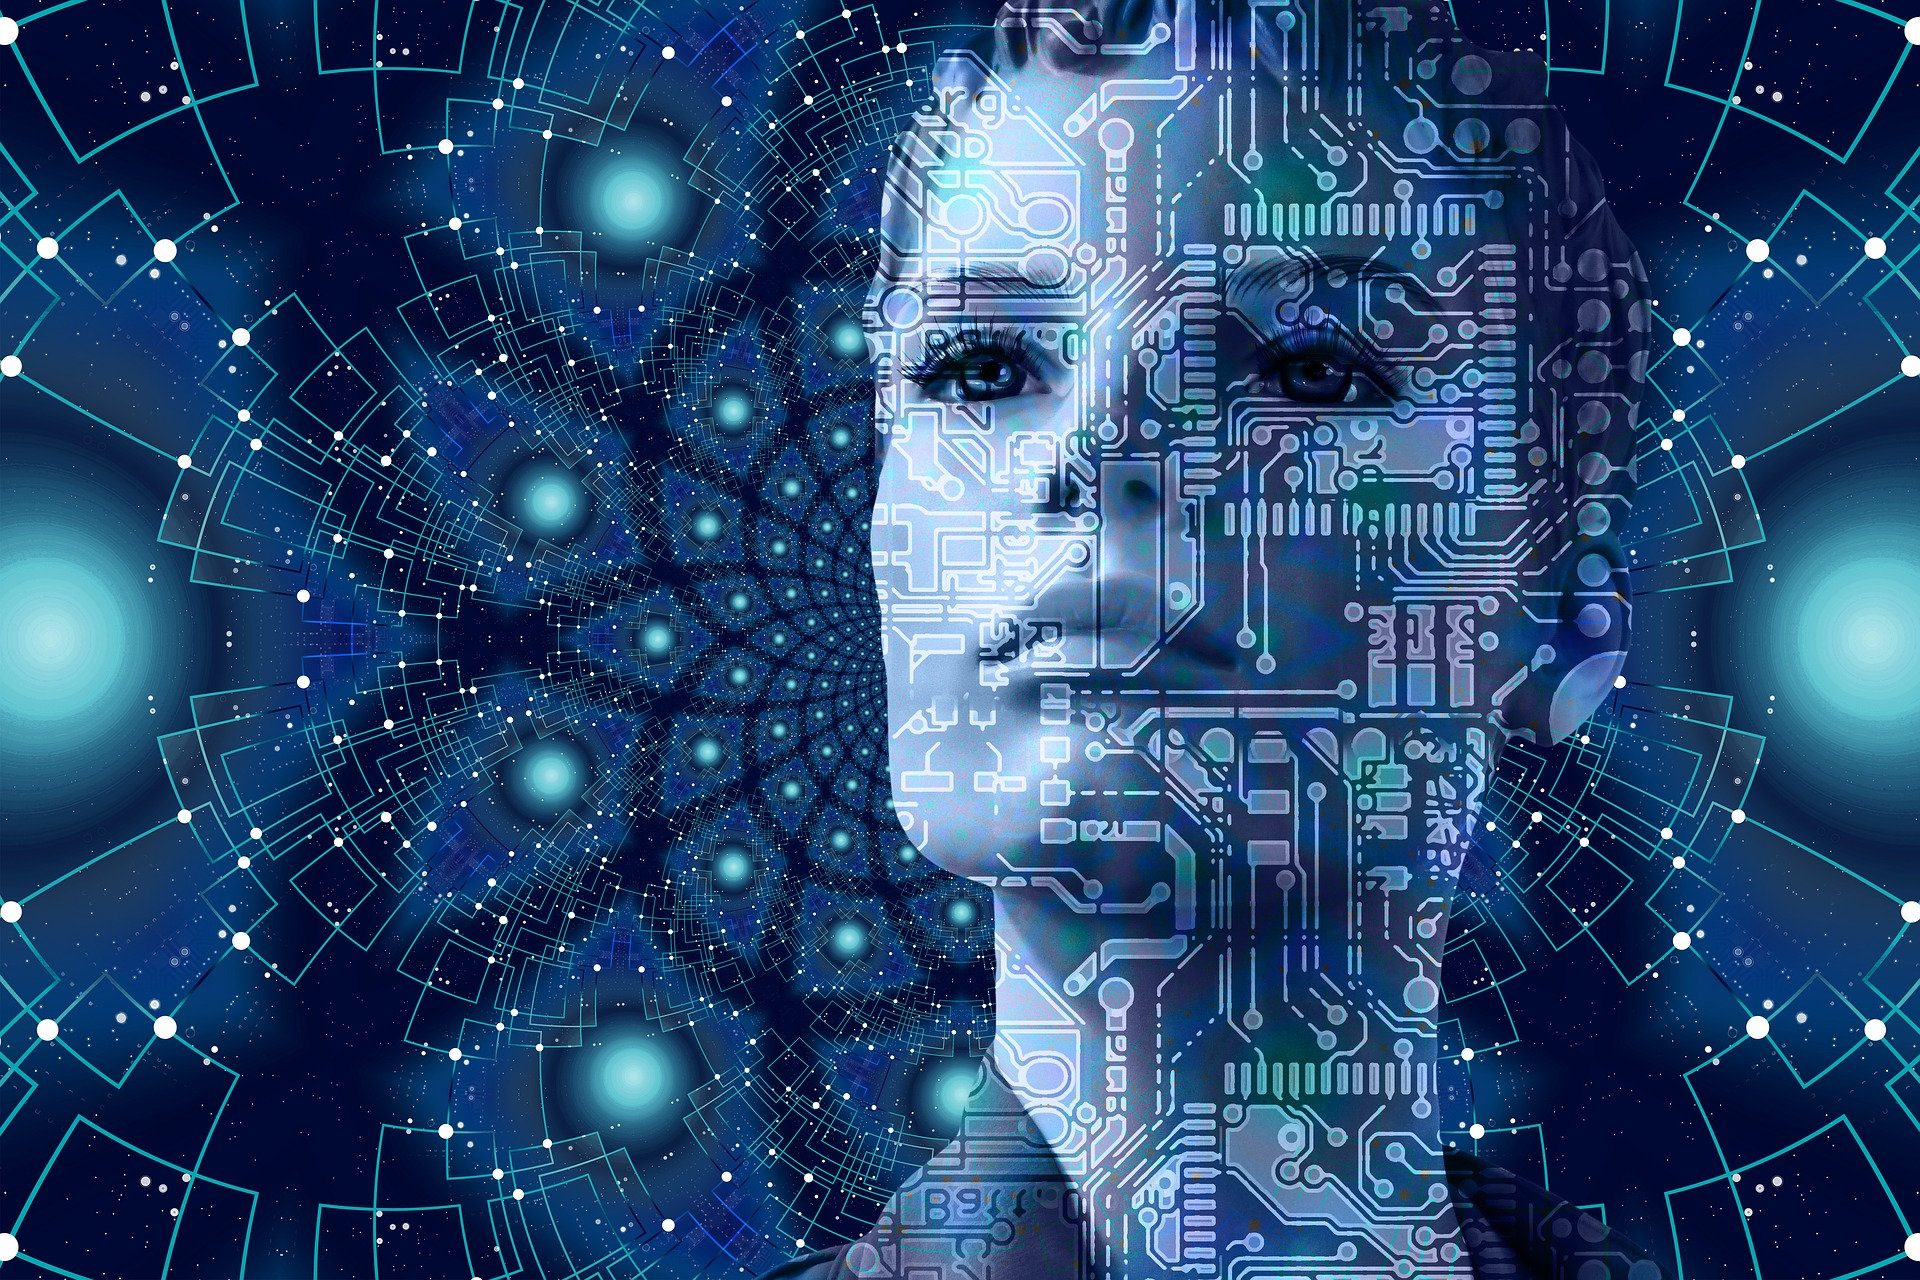 Gesicht hinter digitaler Vernetzung